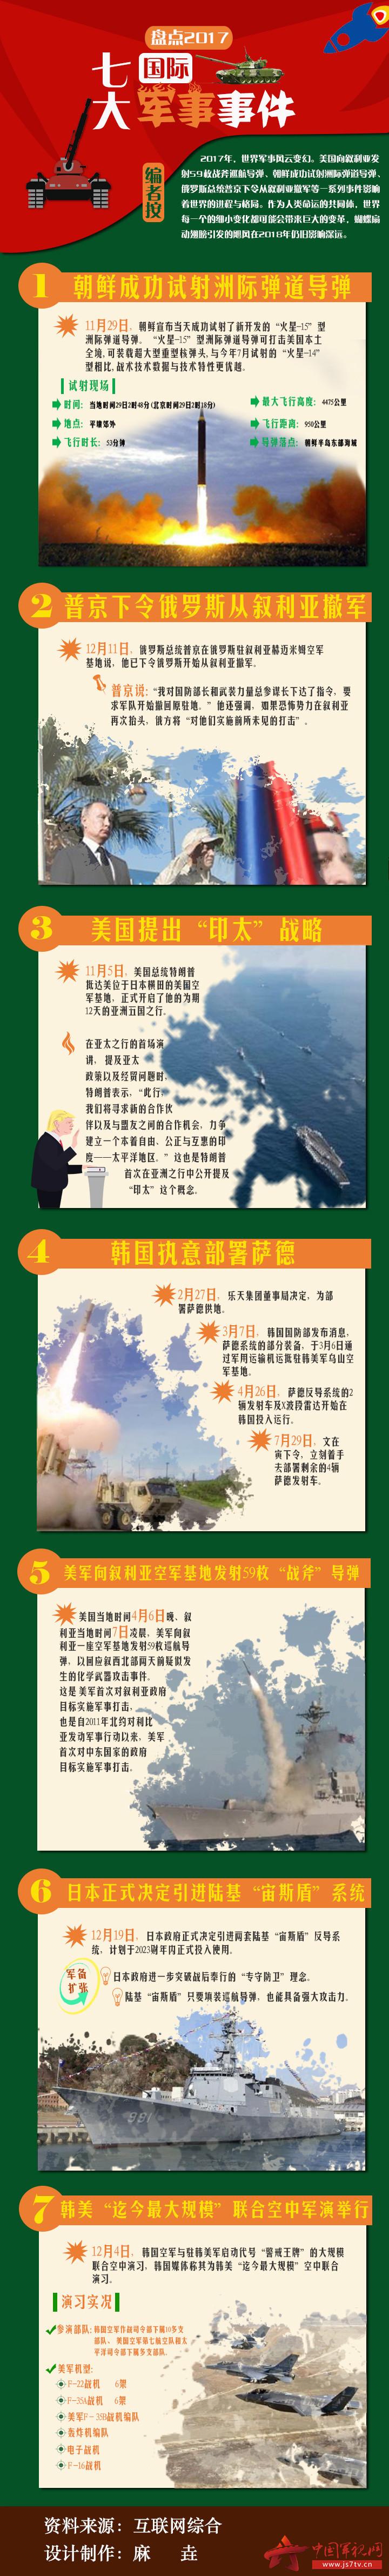 2017军事事件整体